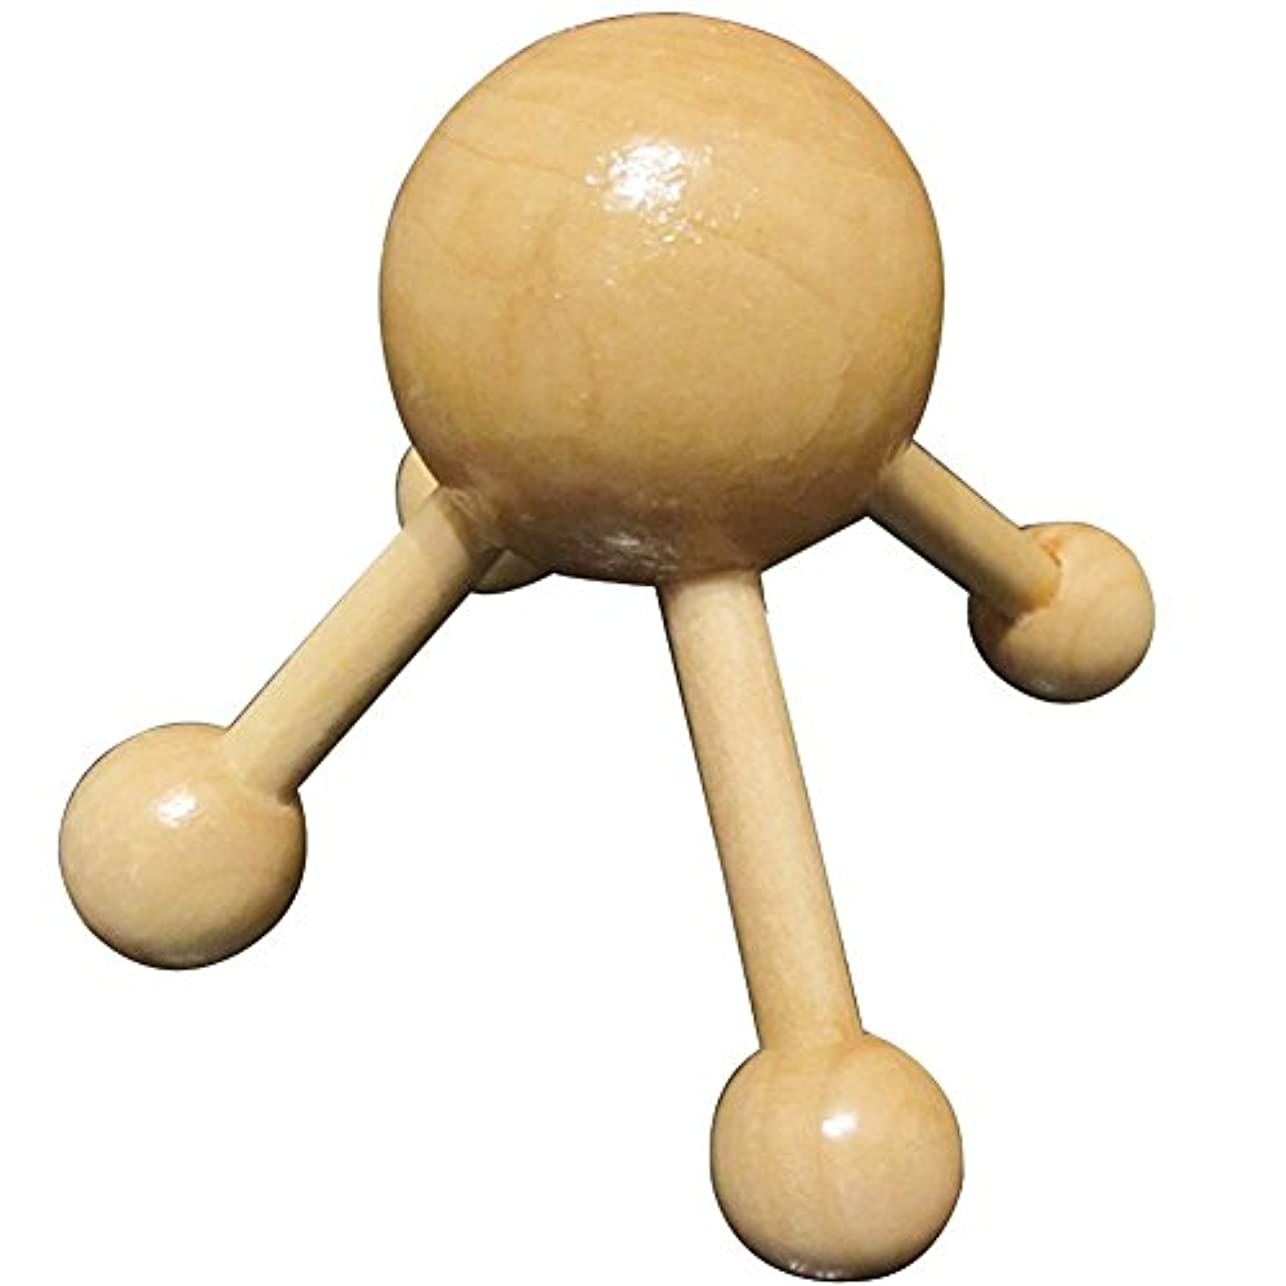 神経衰弱体操選手バウンドHrph ボディマッサージャー 頭用 木製